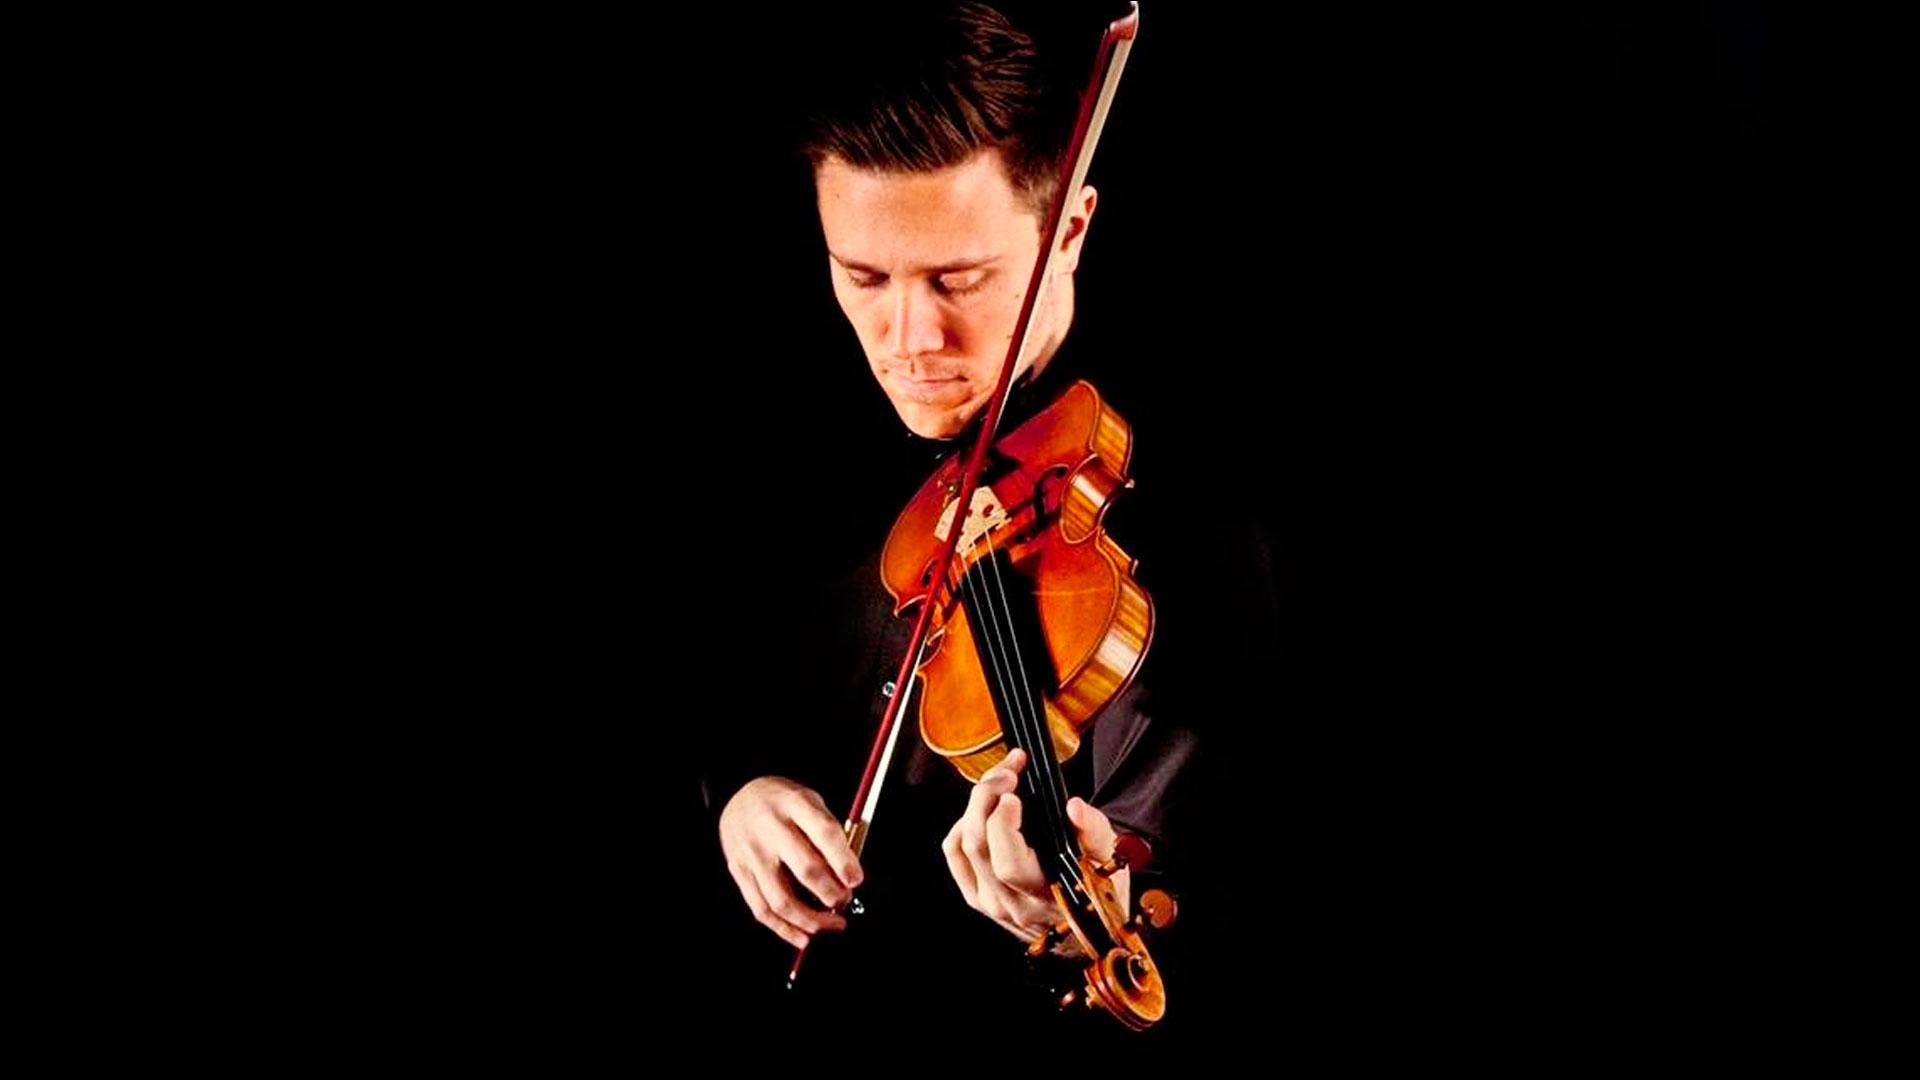 """Roberto González dirige la Orquesta Joven e interpreta como solista el """"Concierto para violín nº 3″ de Mozart"""